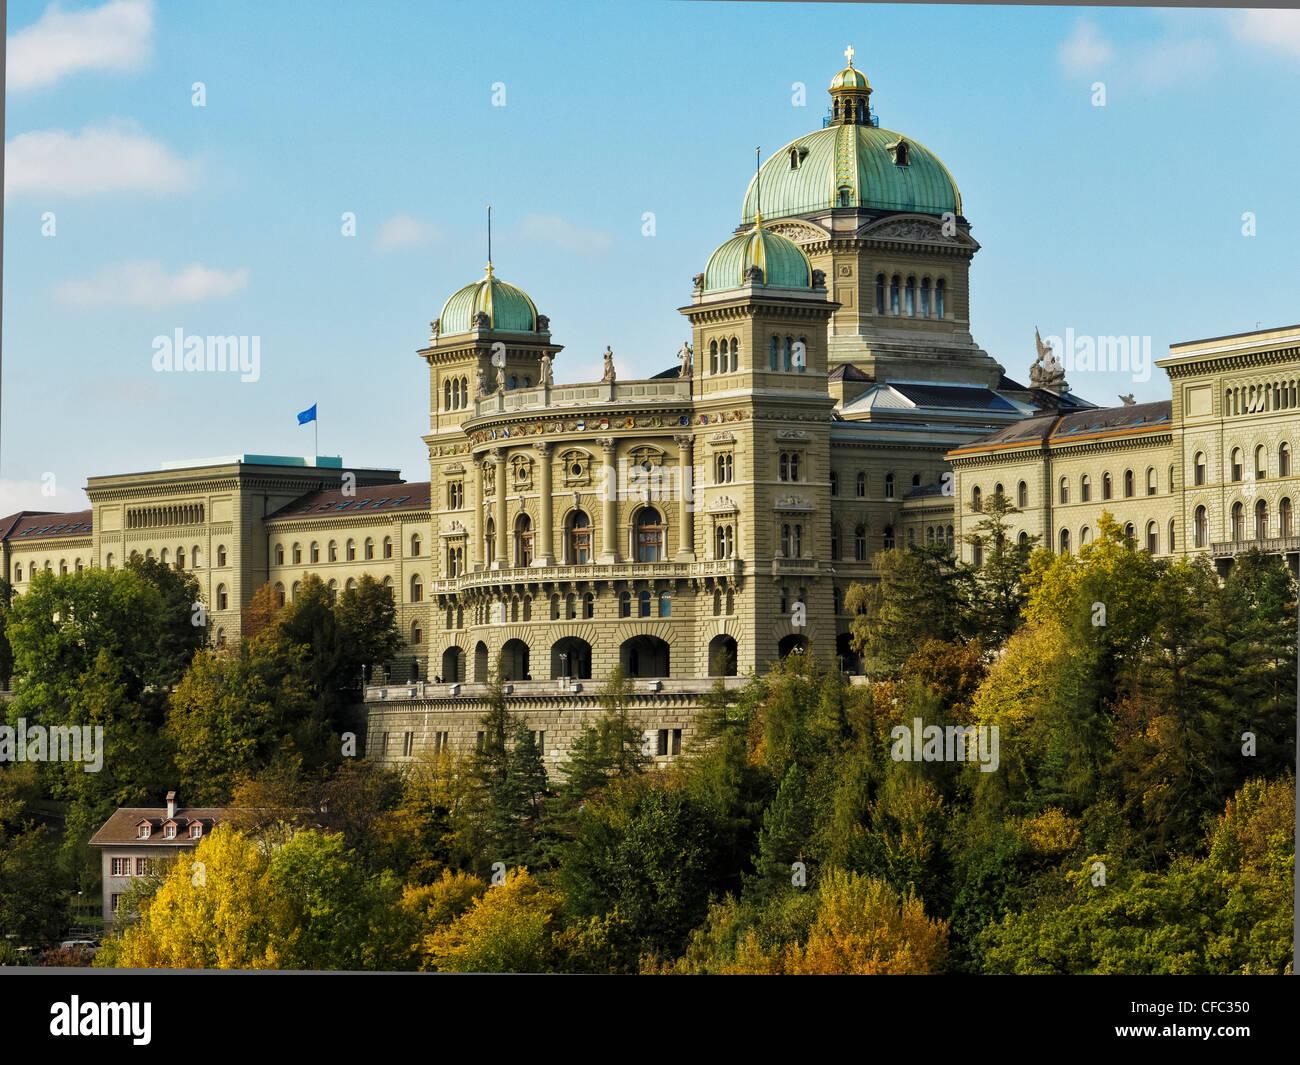 Eidgenössischen Parlamentsgebäude, Kapital, Politik, Kanton Bern, Bern, Regierung, Schweiz, Stadt, Regierung, Stockbild